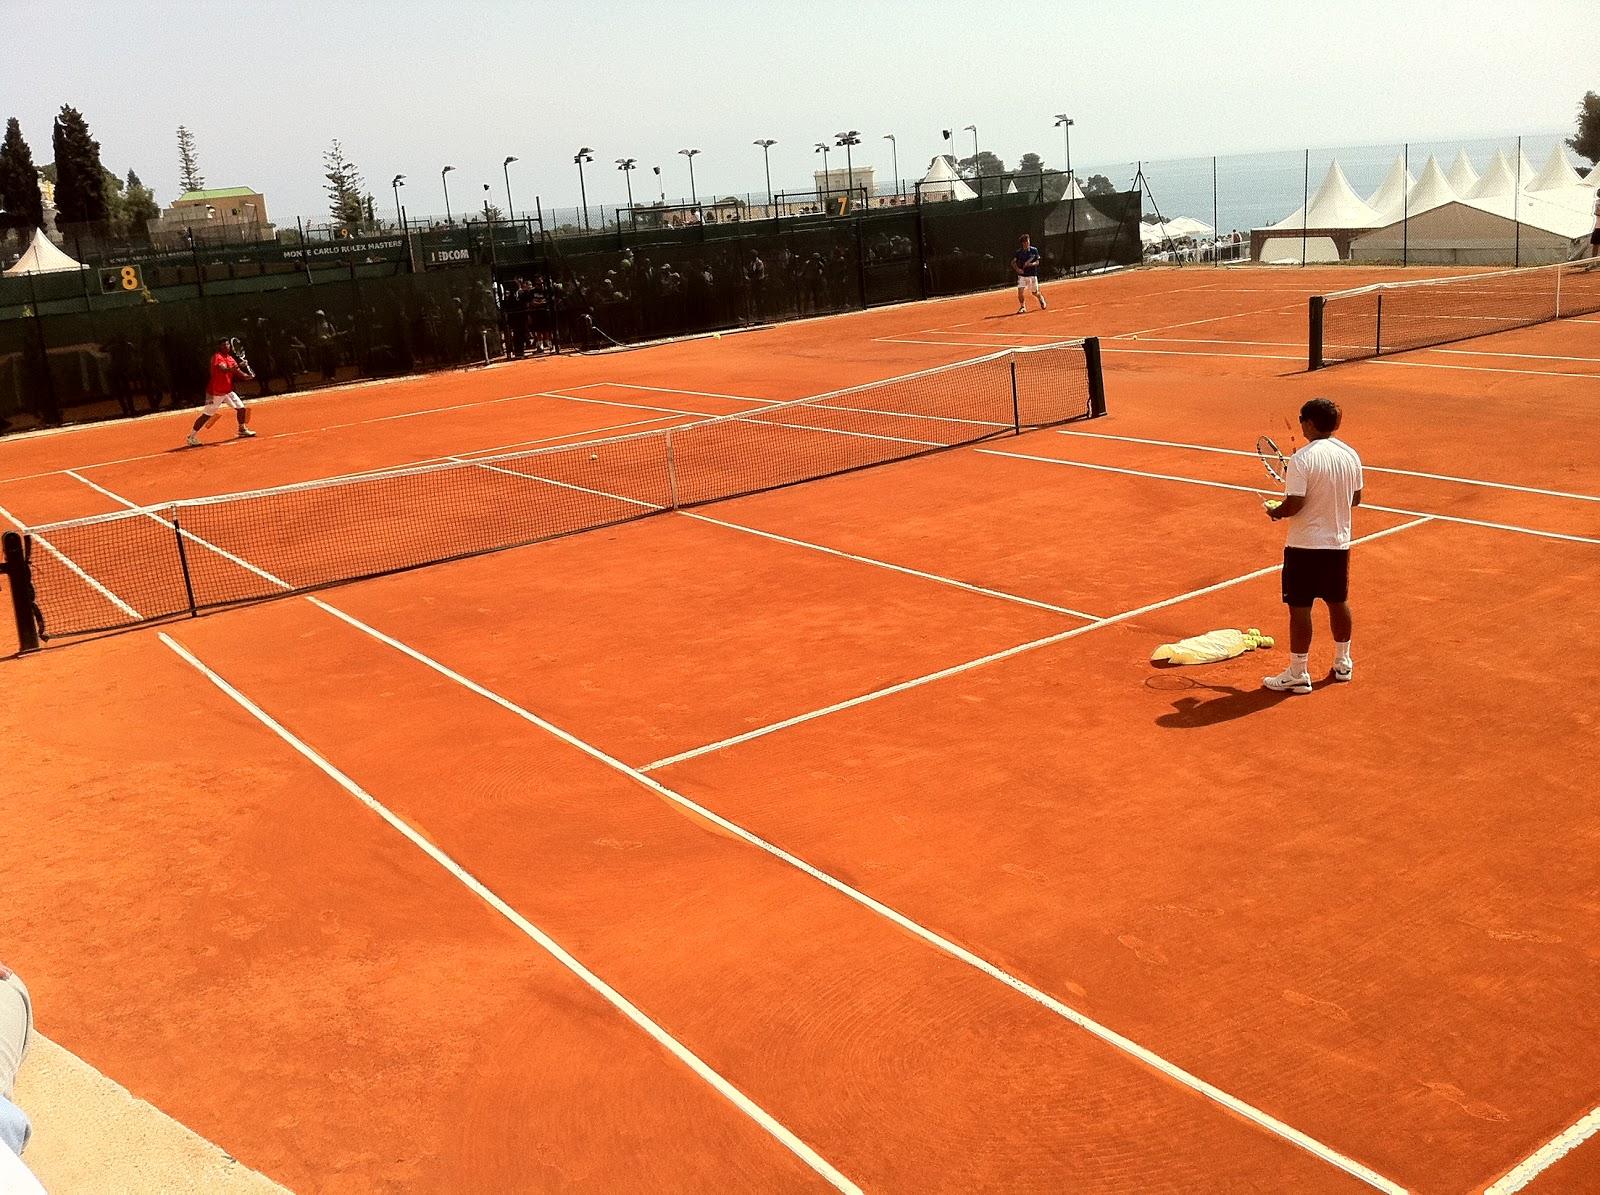 The tennis guy uncle and nephew buycottarizona